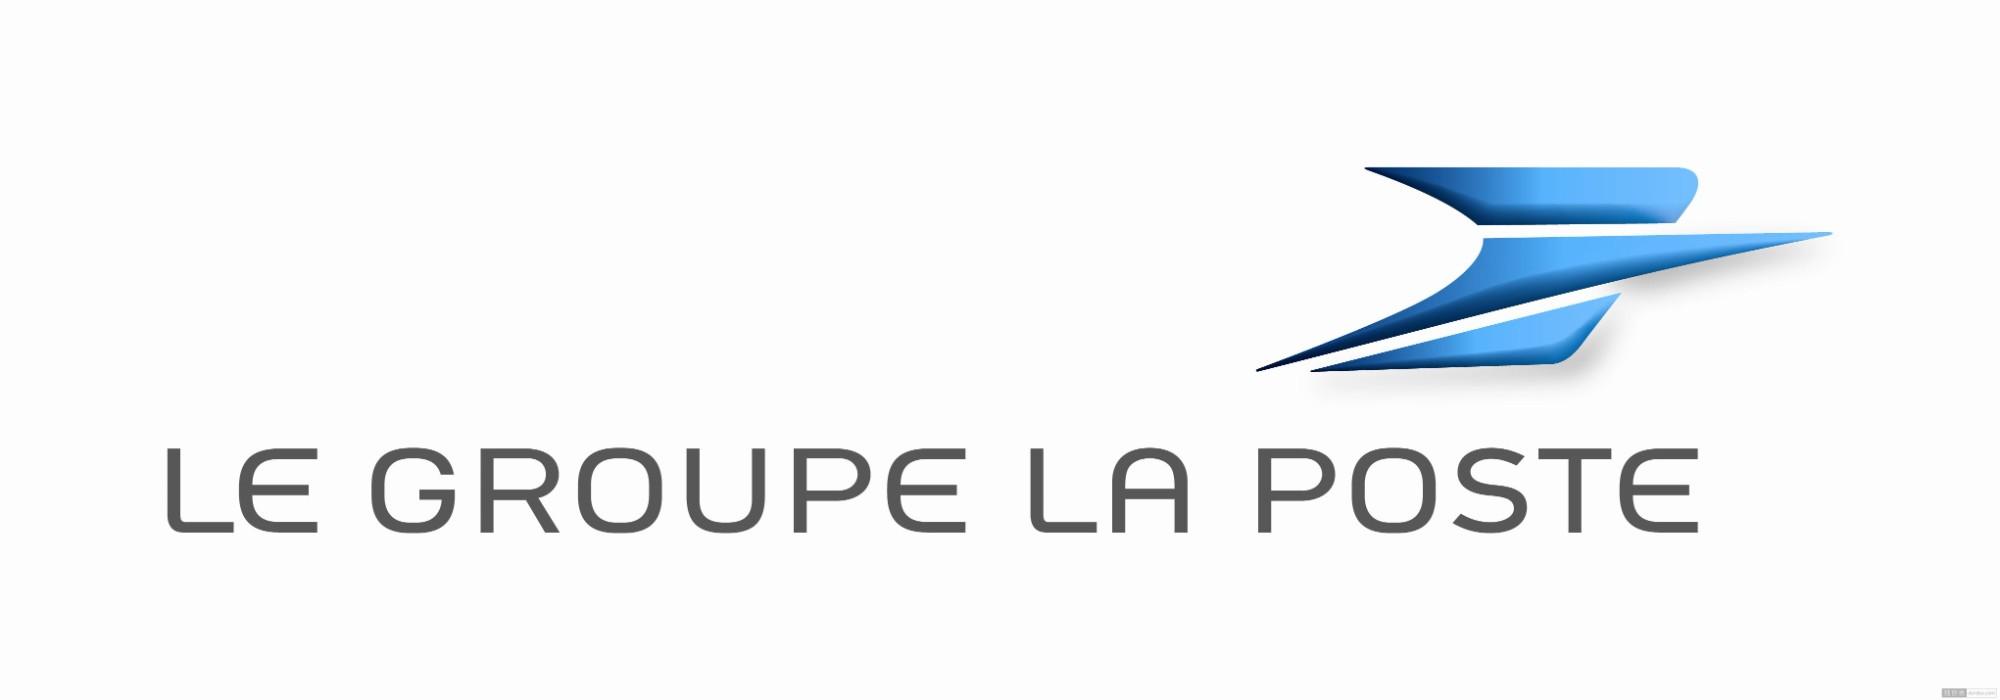 法国邮政将获得每年5亿欧元政府补贴